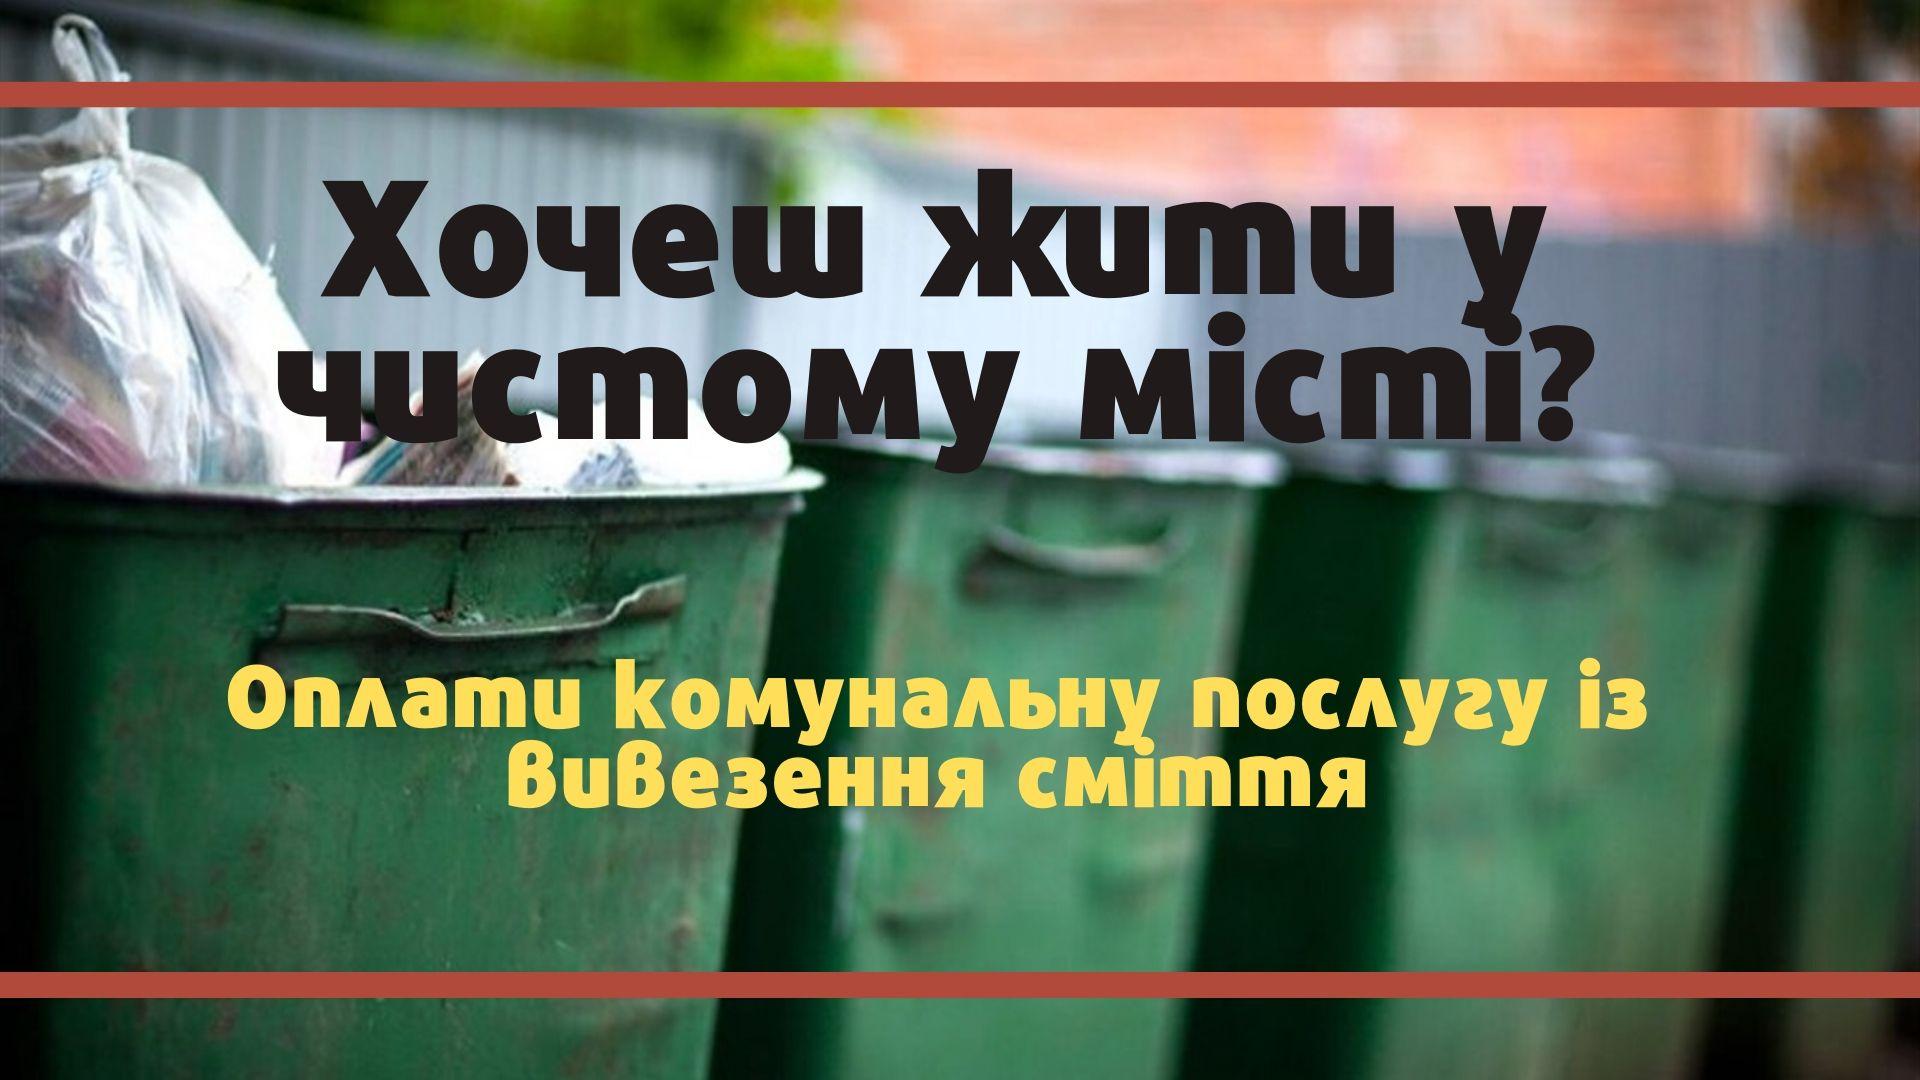 Піклування про чистий Фастів: фастівчан просять укласти договори на вивезення сміття - Фастів, вивезення сміття - 80363742 2530853963699360 3336127838716690432 o